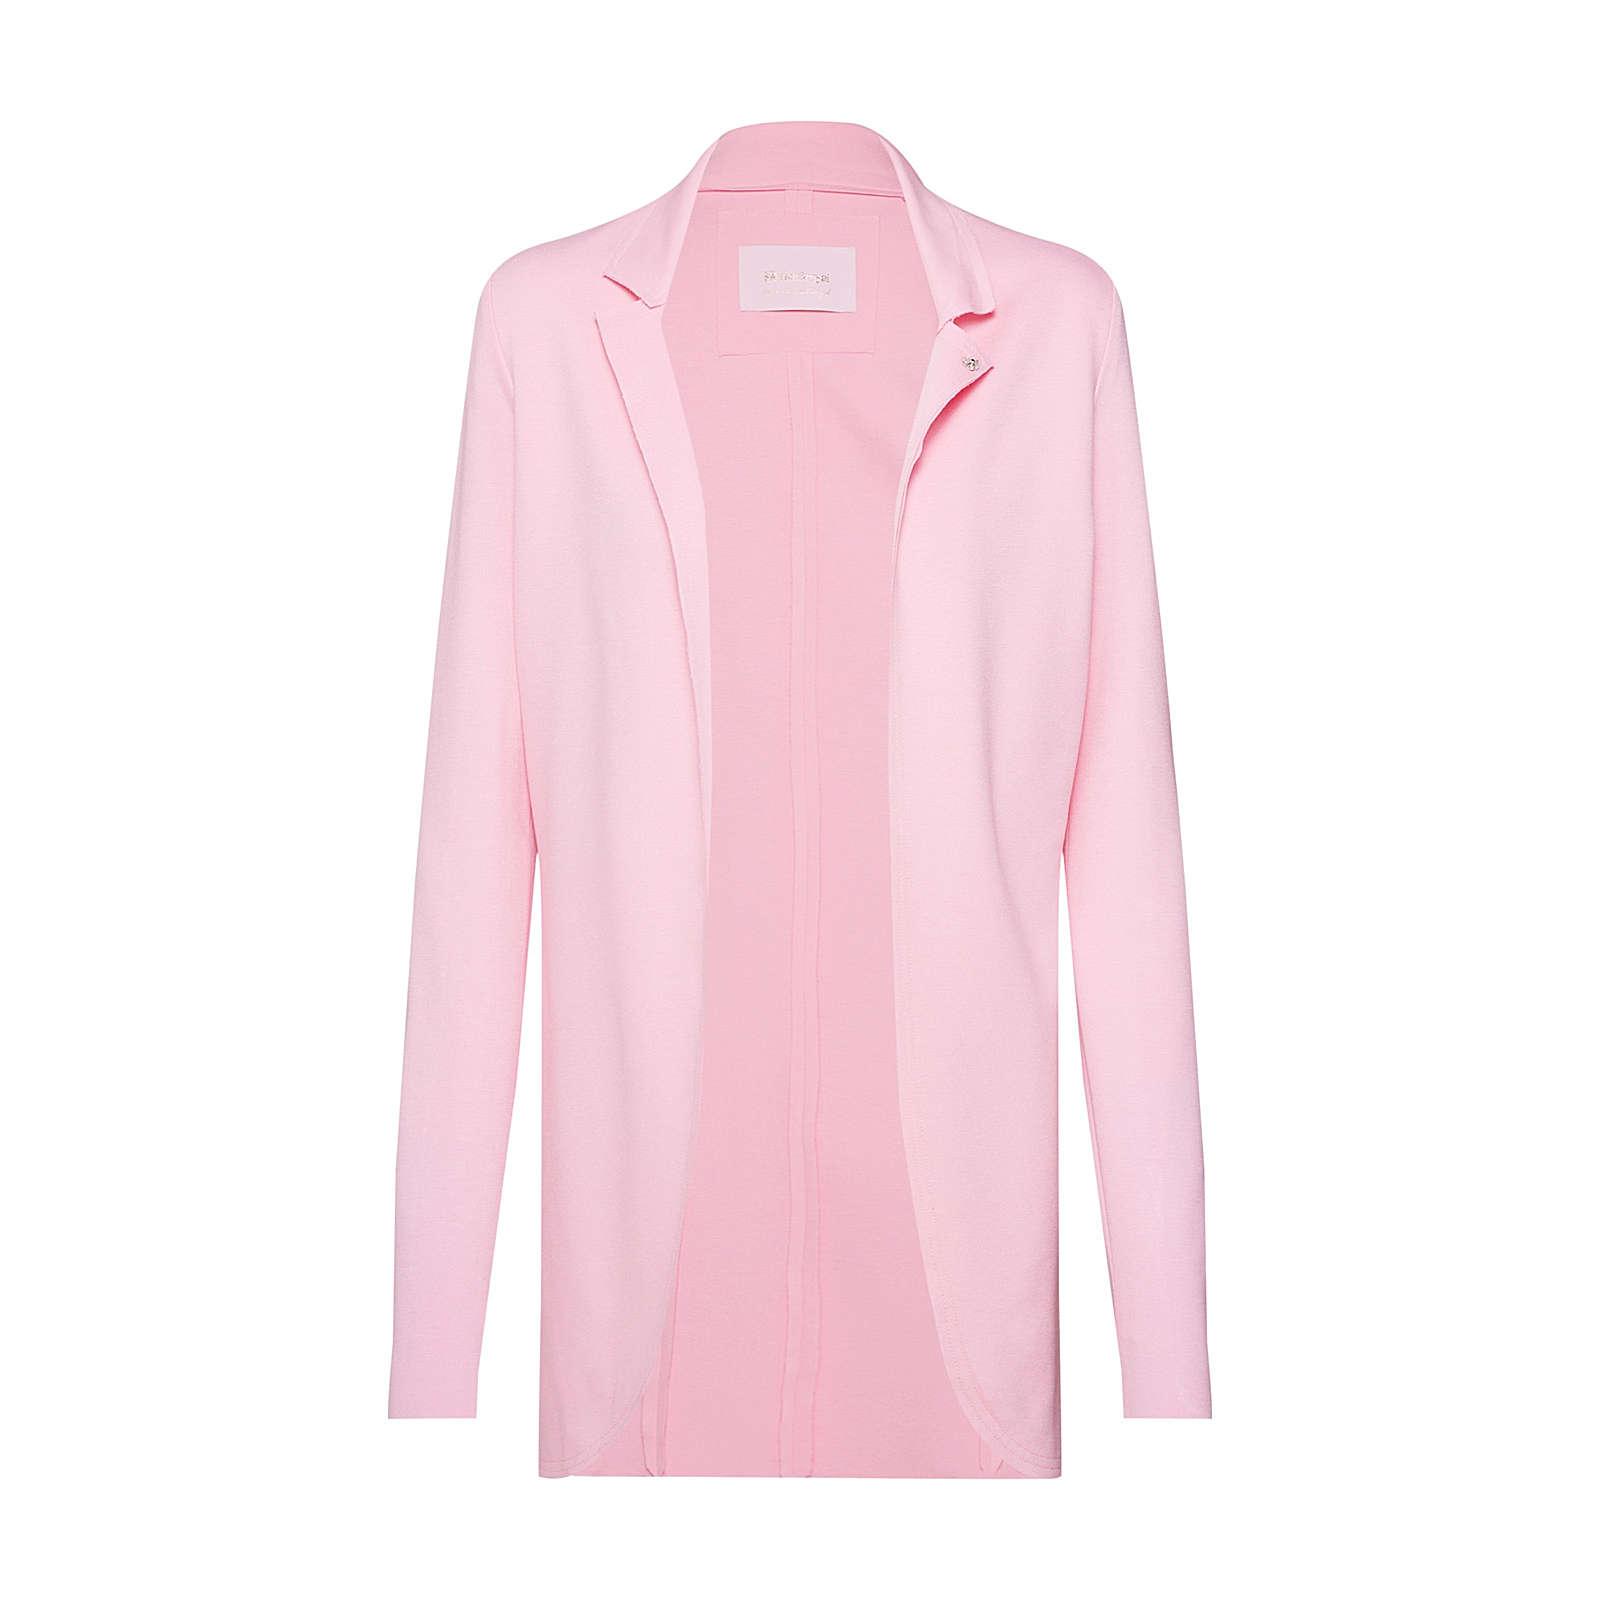 rich&royal Rich & Royal Blazer Sweat Sweatblazer rosa Damen Gr. 36